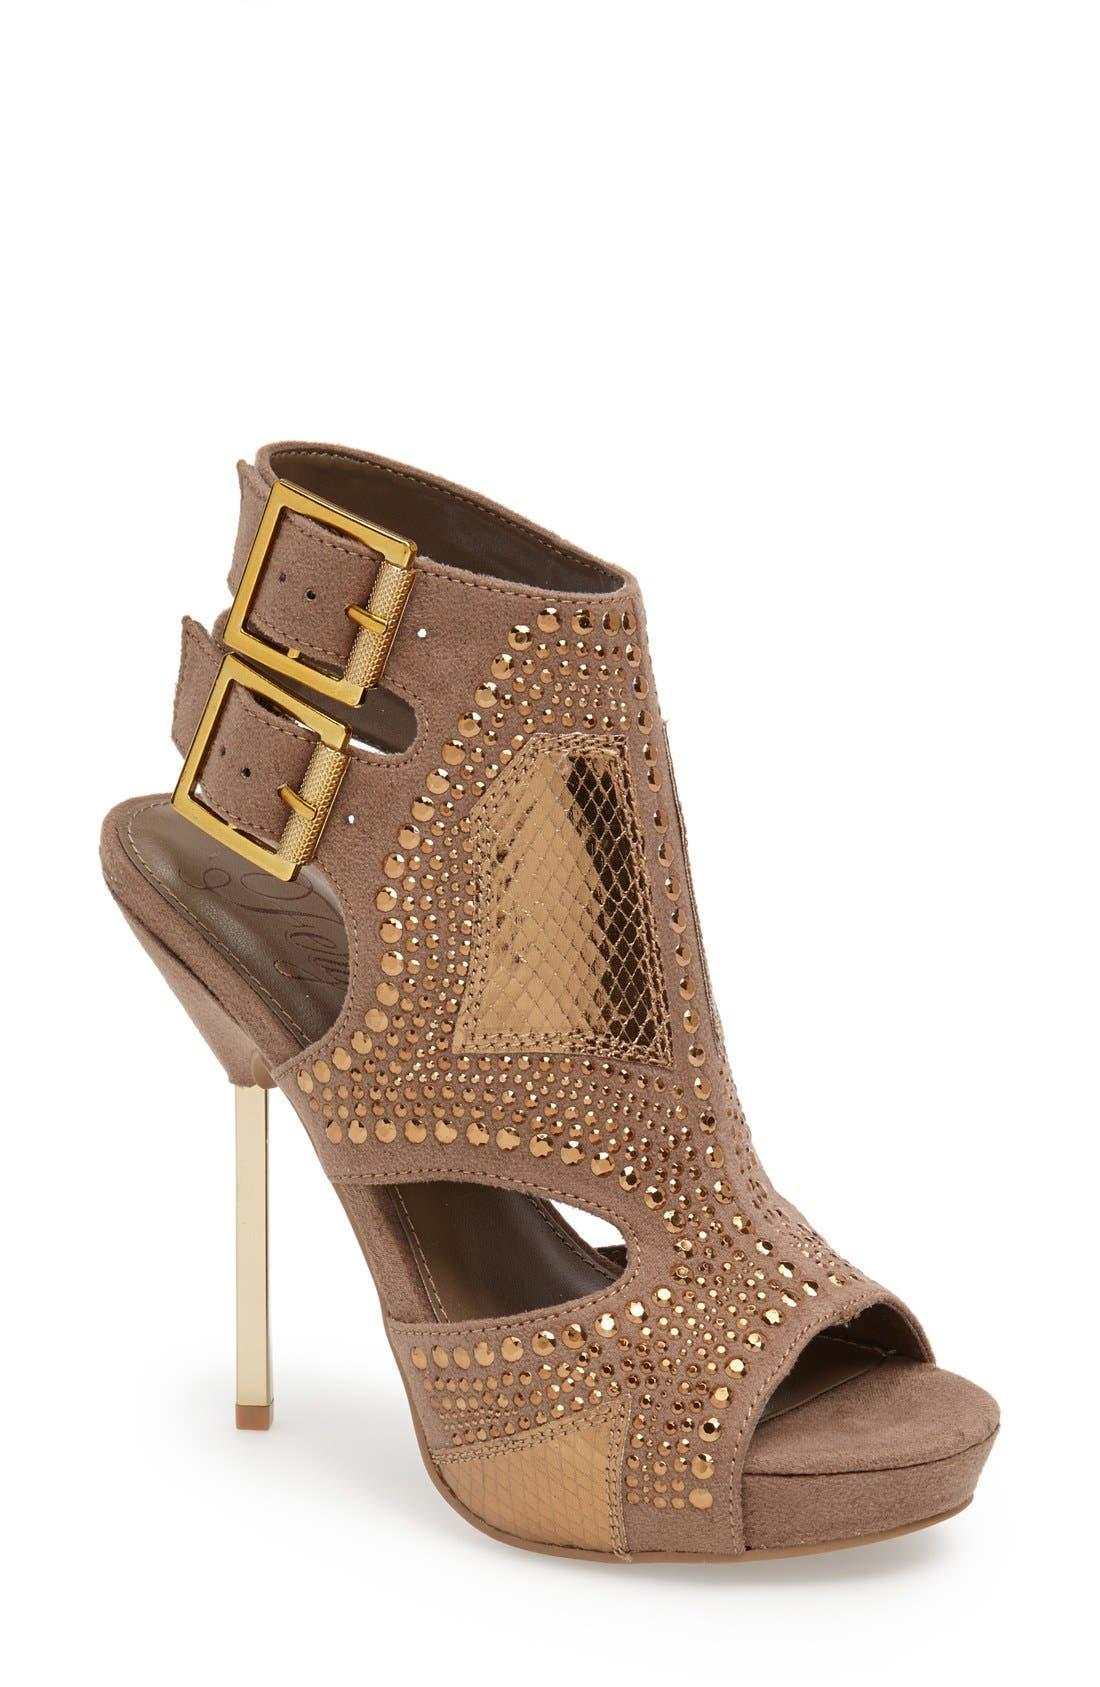 Main Image - Fergie 'Emmie' Sandal (Women)